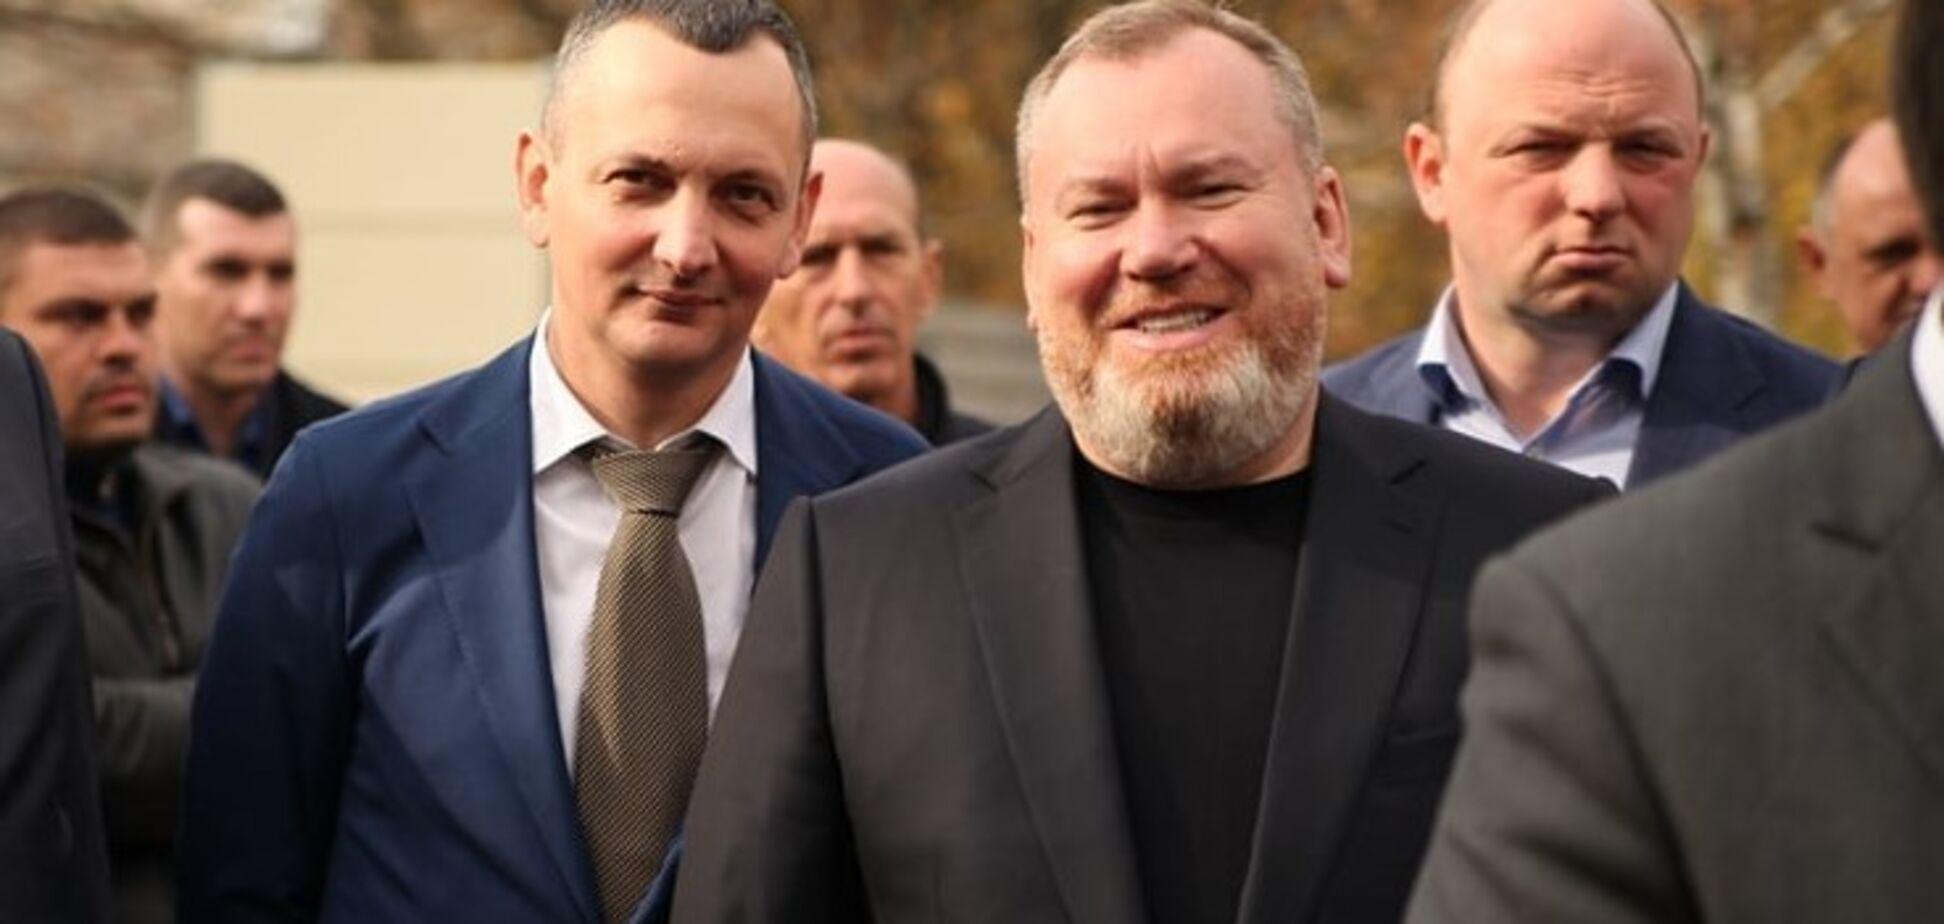 В Днепропетровской области начато строительство новых амбулаторий в сельской местности - Резниченко